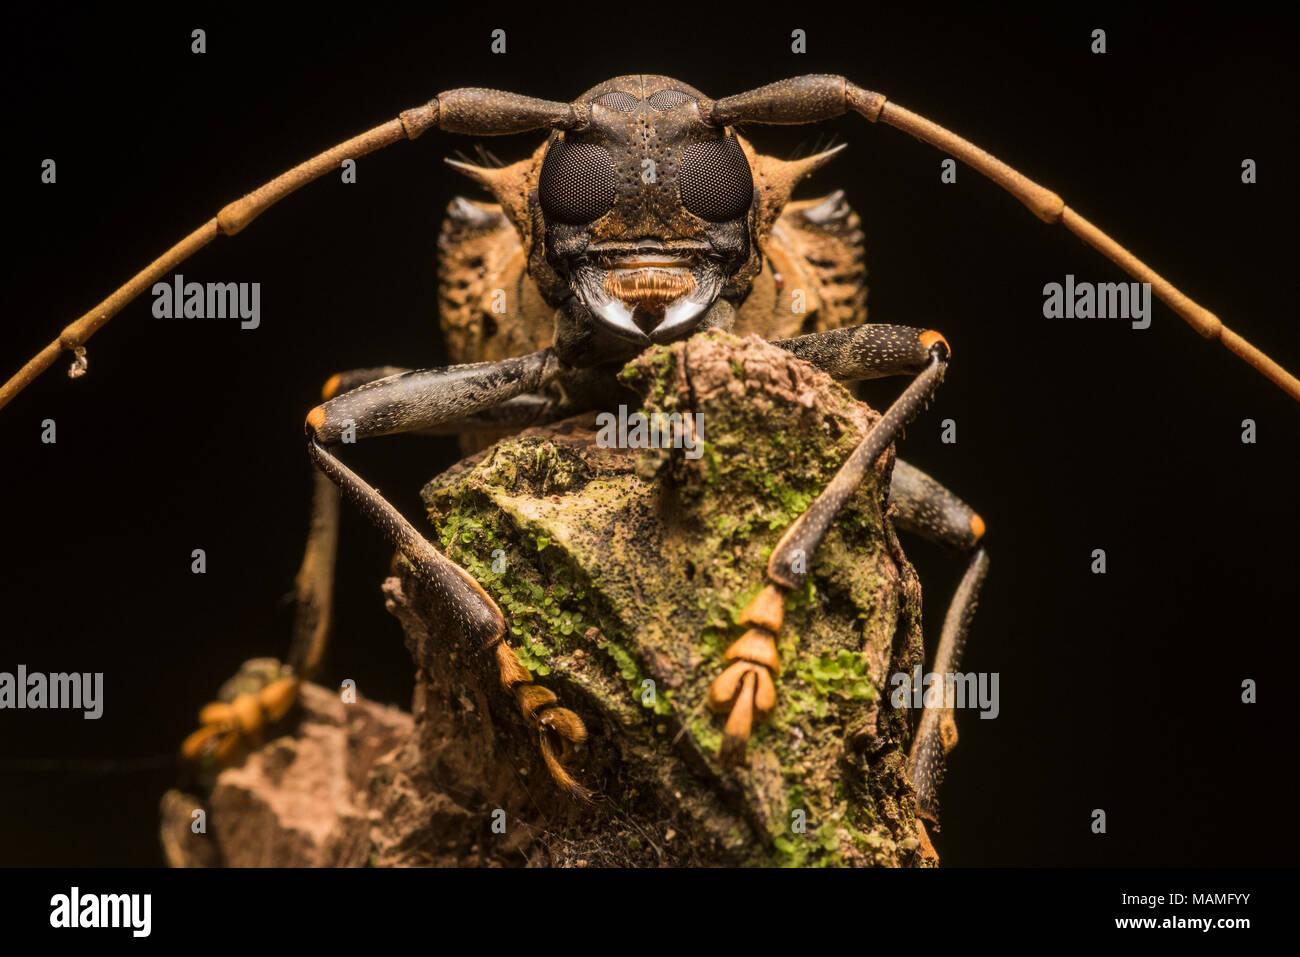 Un coleottero tropicale ritratto dalla giungla peruviana vicino Tarapoto, un impressionante beetle ancor di più quando visto da vicino. Immagini Stock